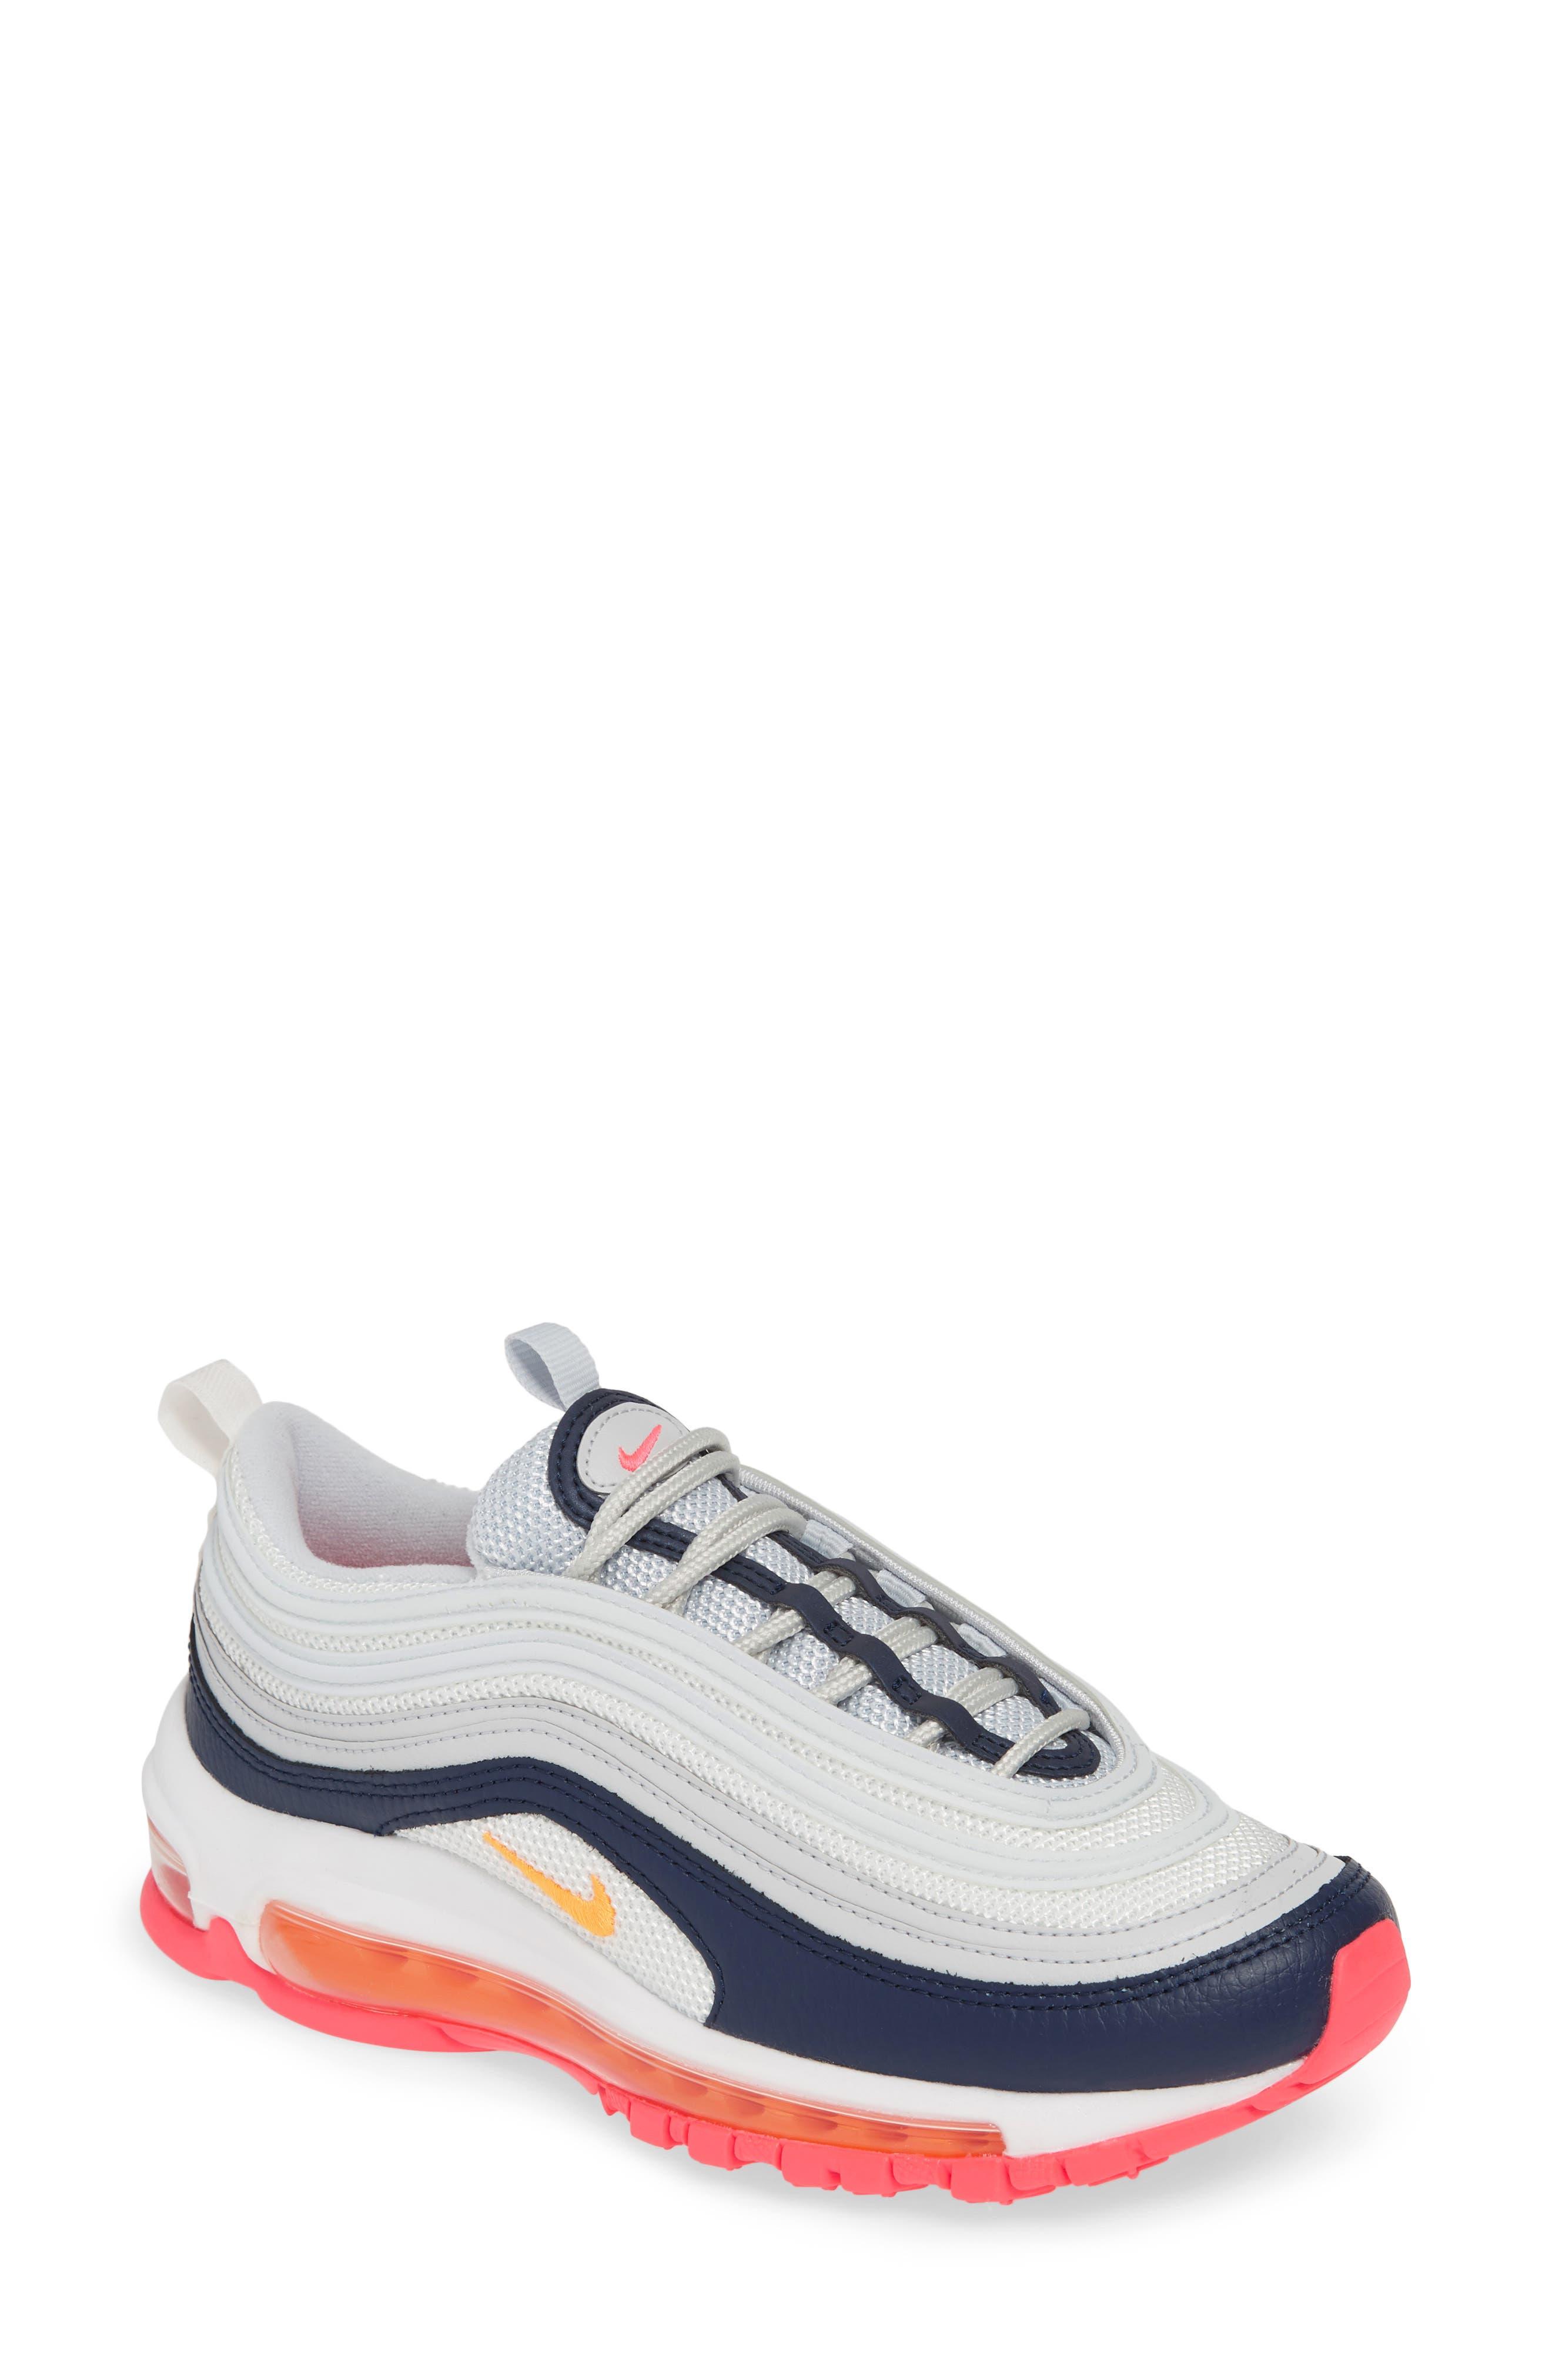 NIKE, Air Max 97 Sneaker, Main thumbnail 1, color, PLATINUM/ LASER ORANGE/ NAVY